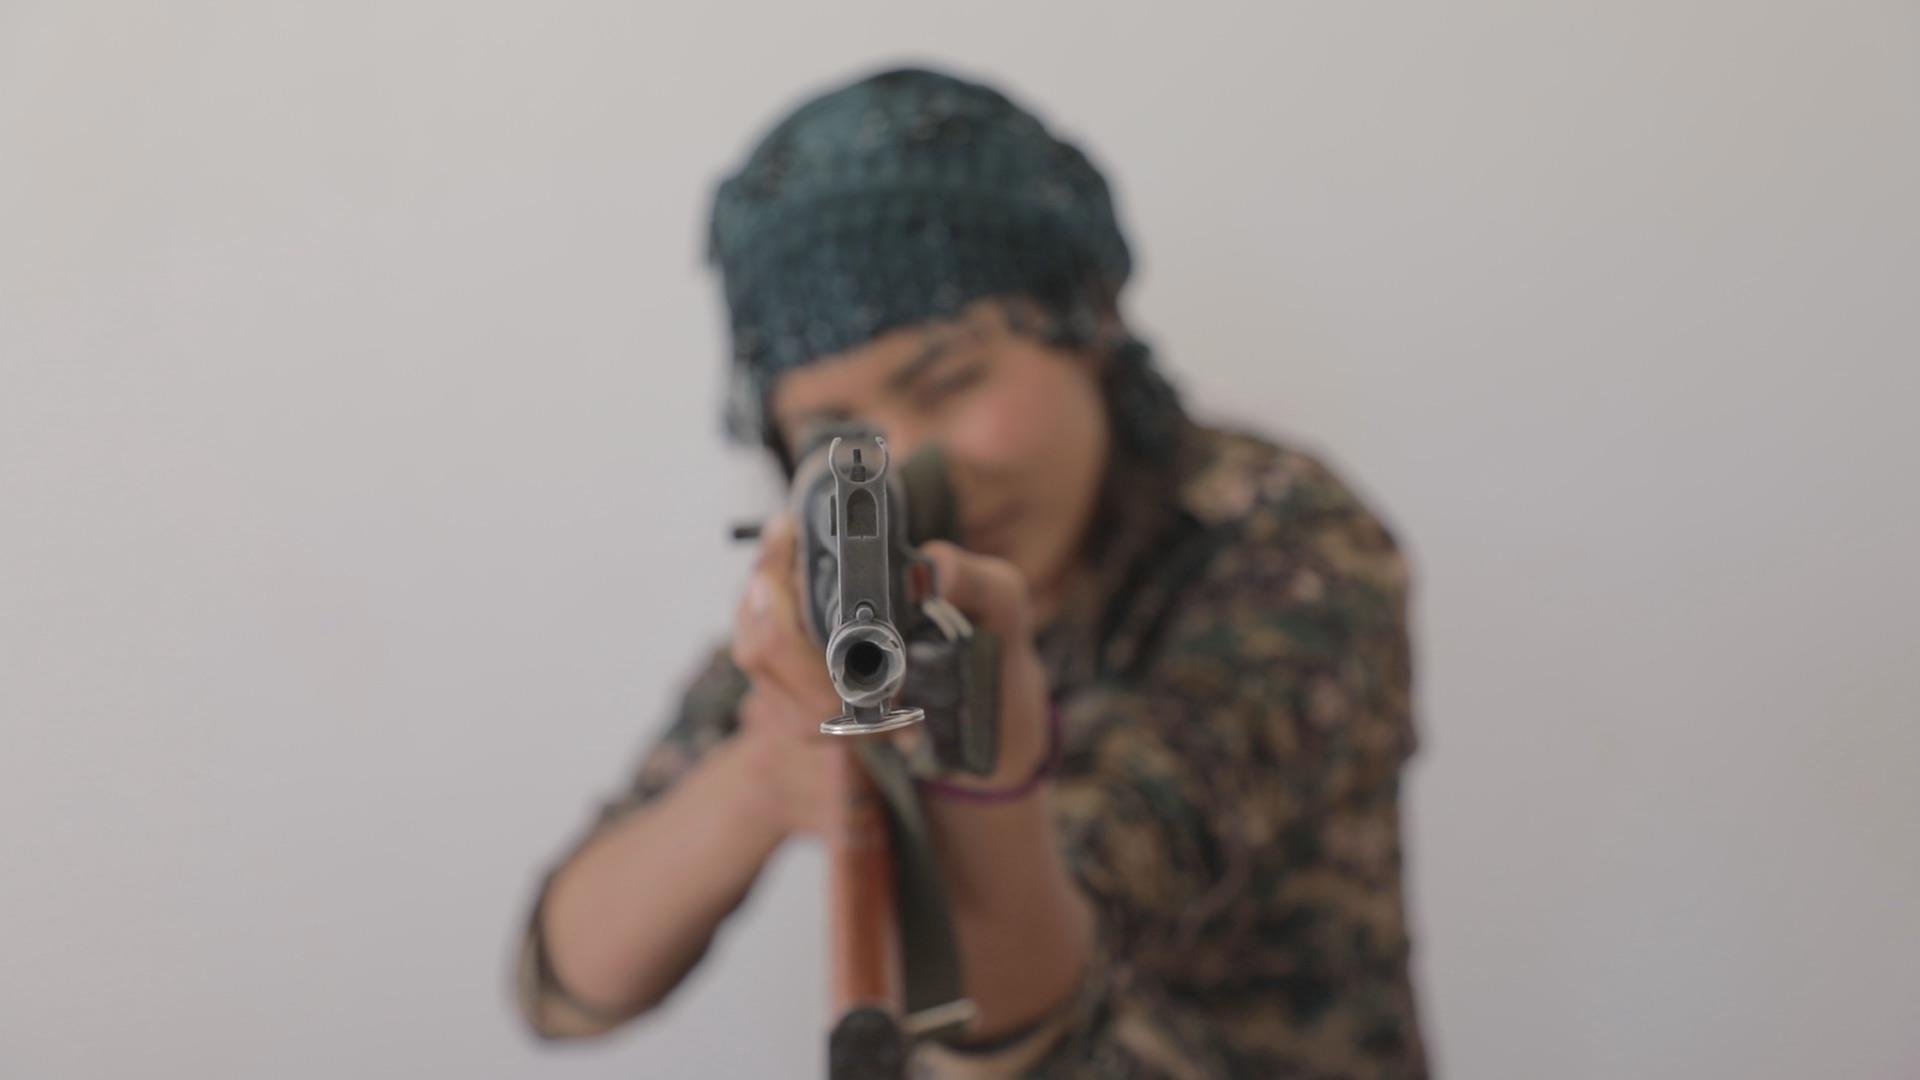 Le donne, la guerra, la rivoluzione: I am the Revolution (Possible Film, Les Films d'Ici) di Benedetta Argentieri al MIA|DOC Pitching Forum